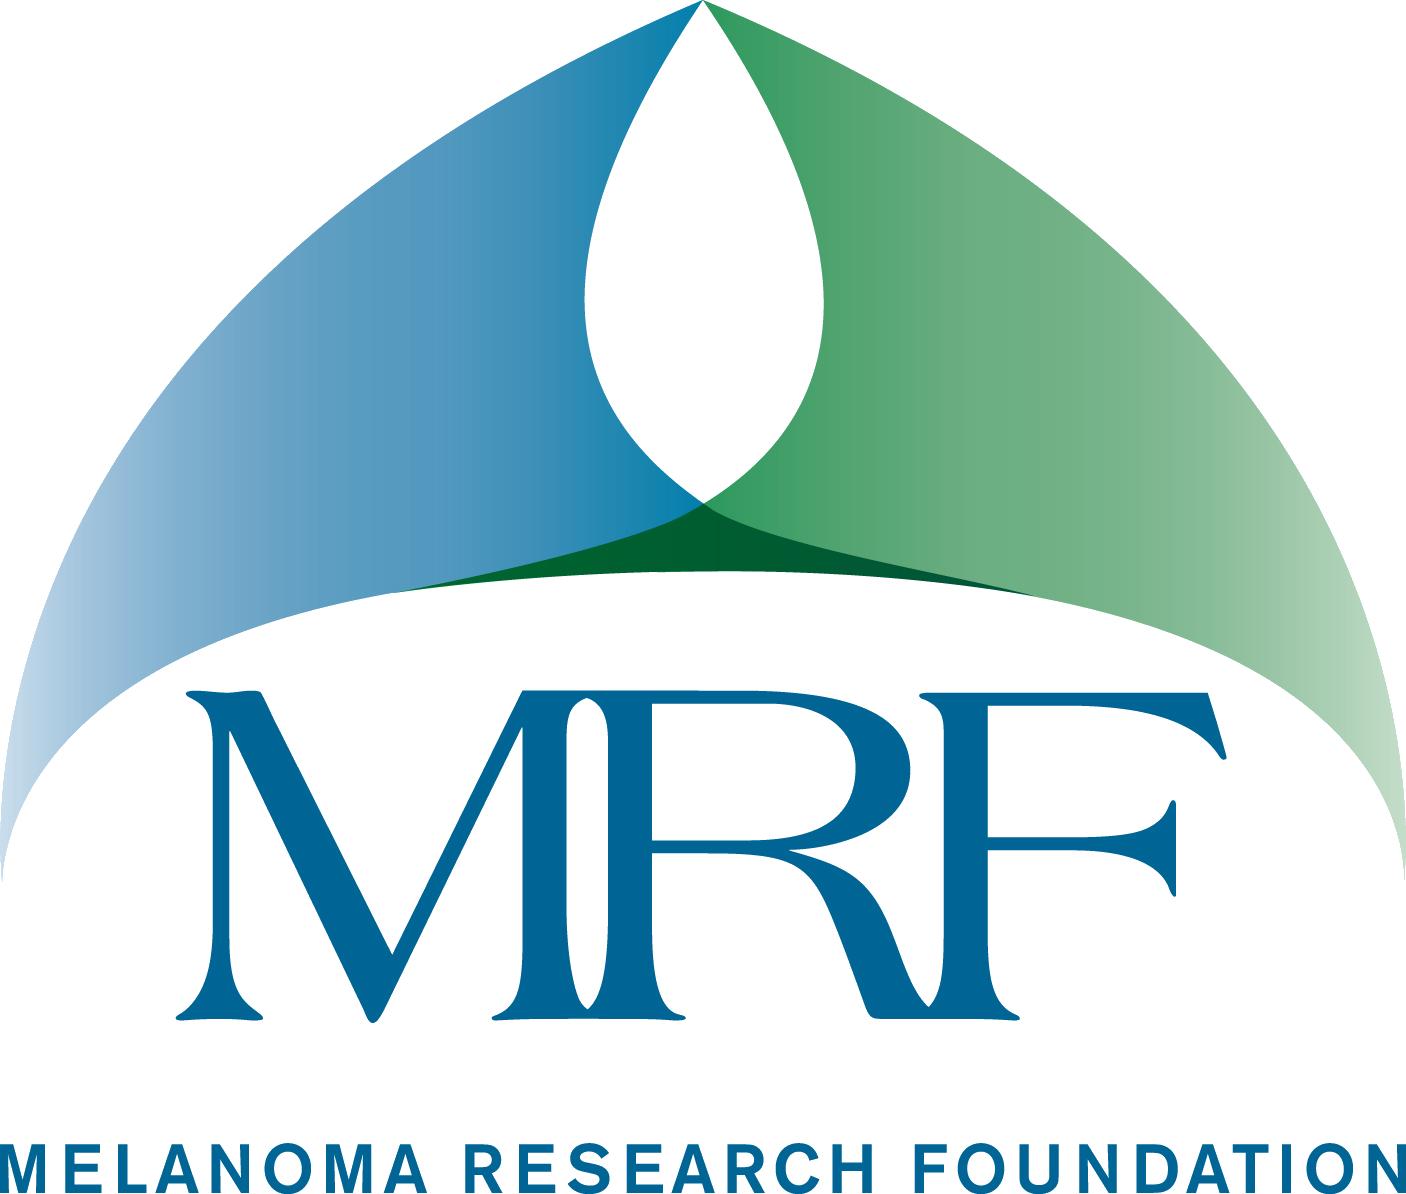 Melanoma Research Foundation logo